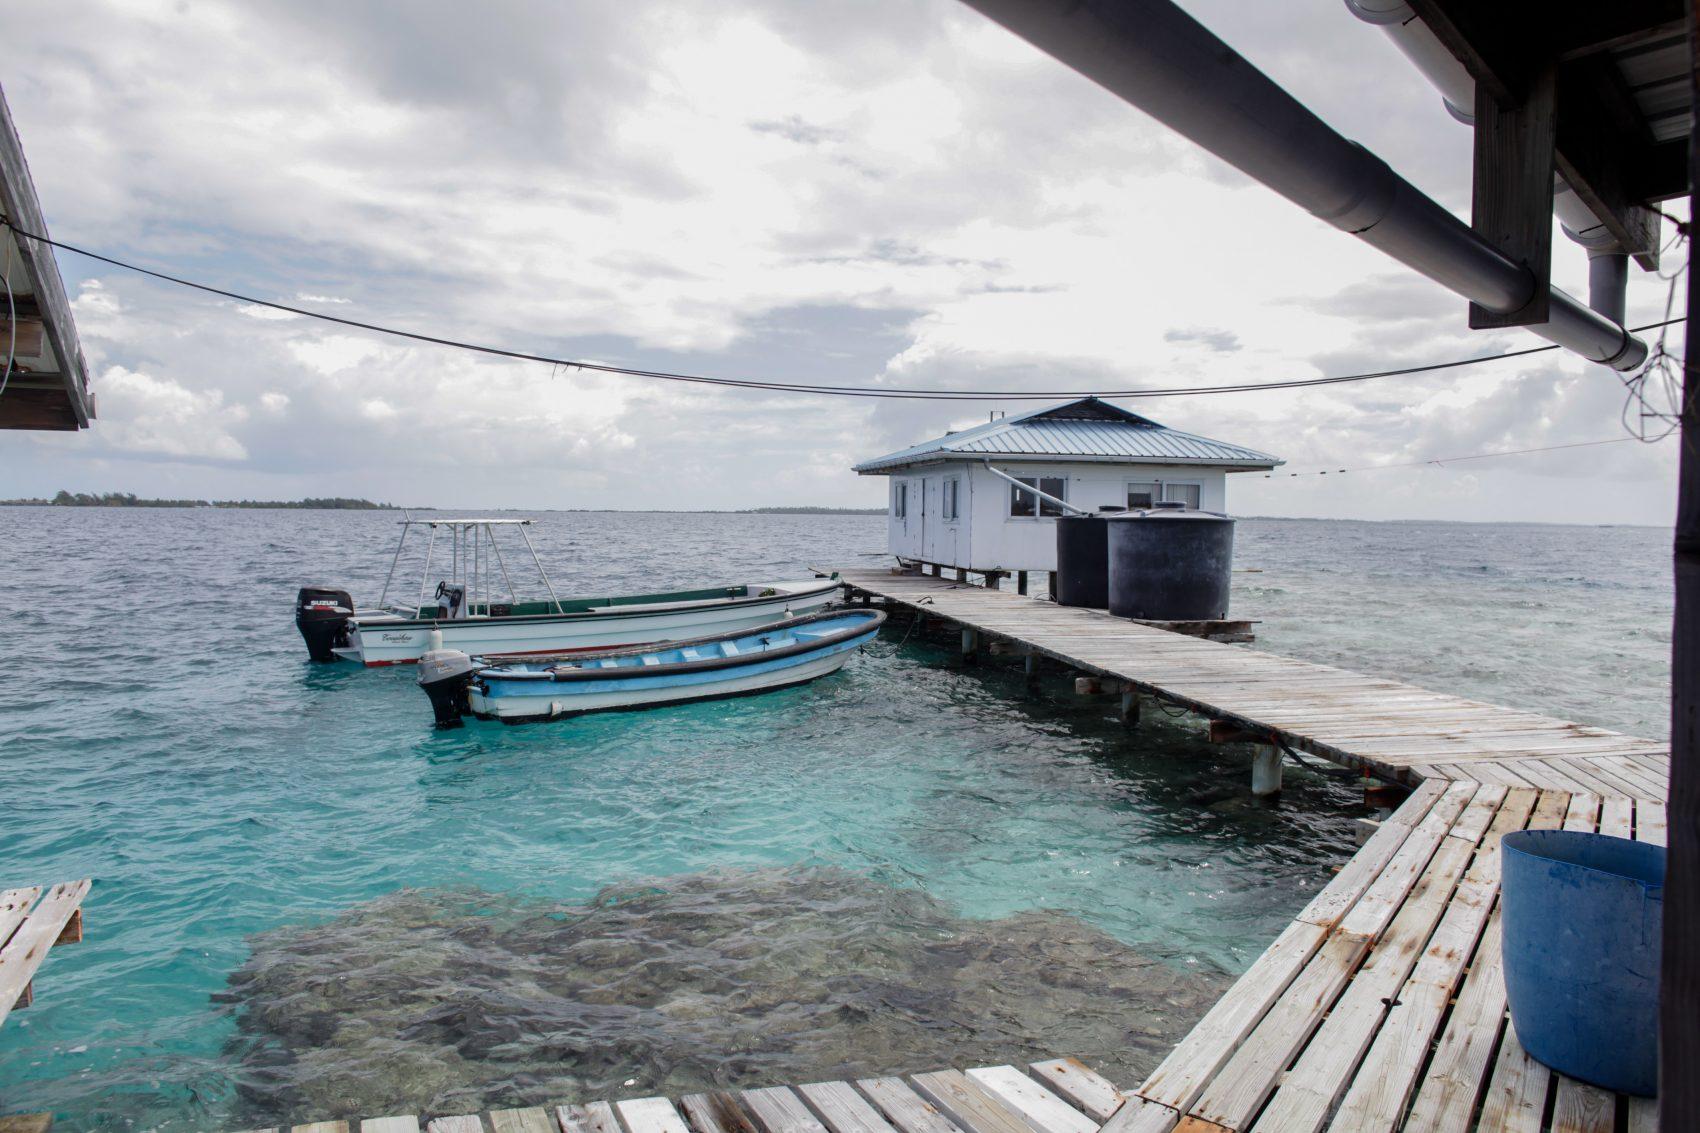 Fazenda de ostras na Polinésia Francesa, 118 ilhas ameaçadas pelo aquecimento global: ex-ministro criou projeto de ilhas flutuantes (Foto GREGORY BOISSY/ AFP)